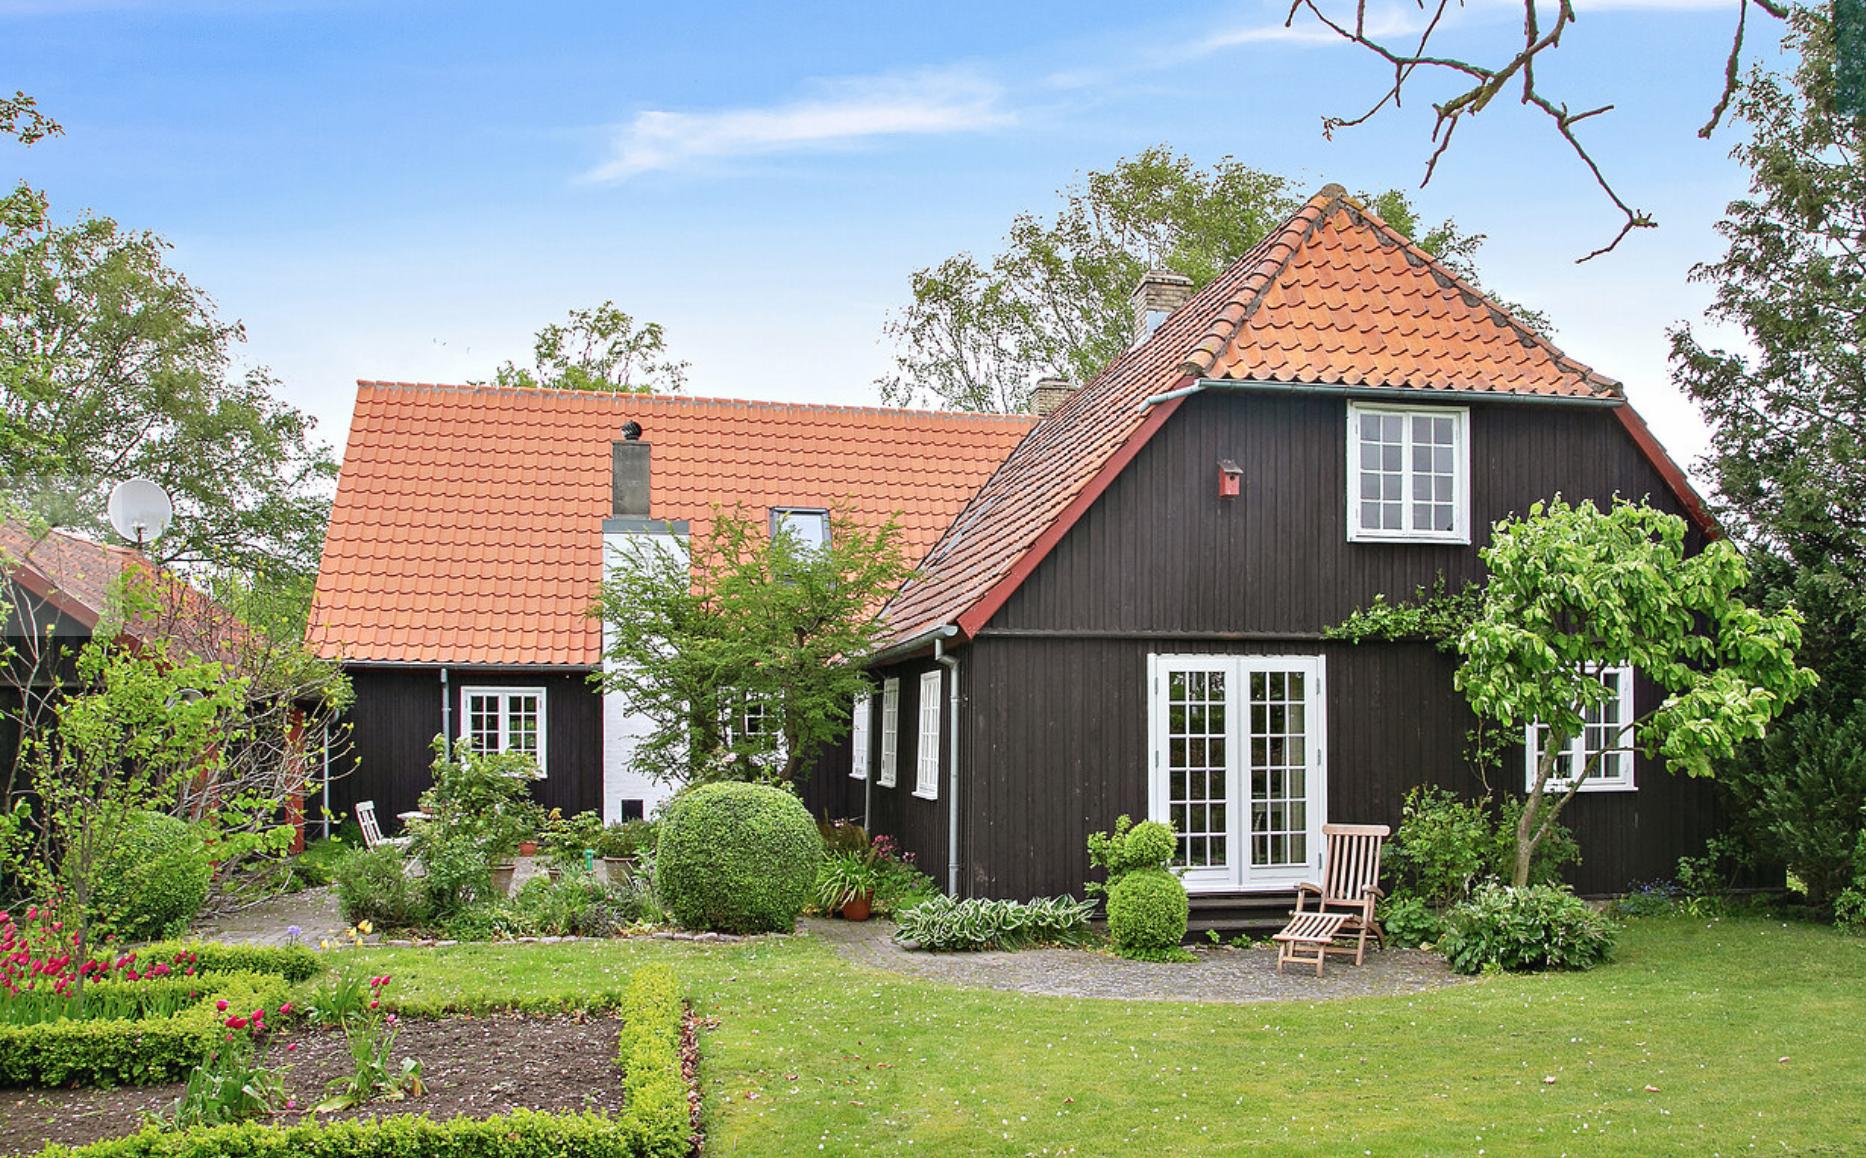 stort billigt hus i god stand til salg